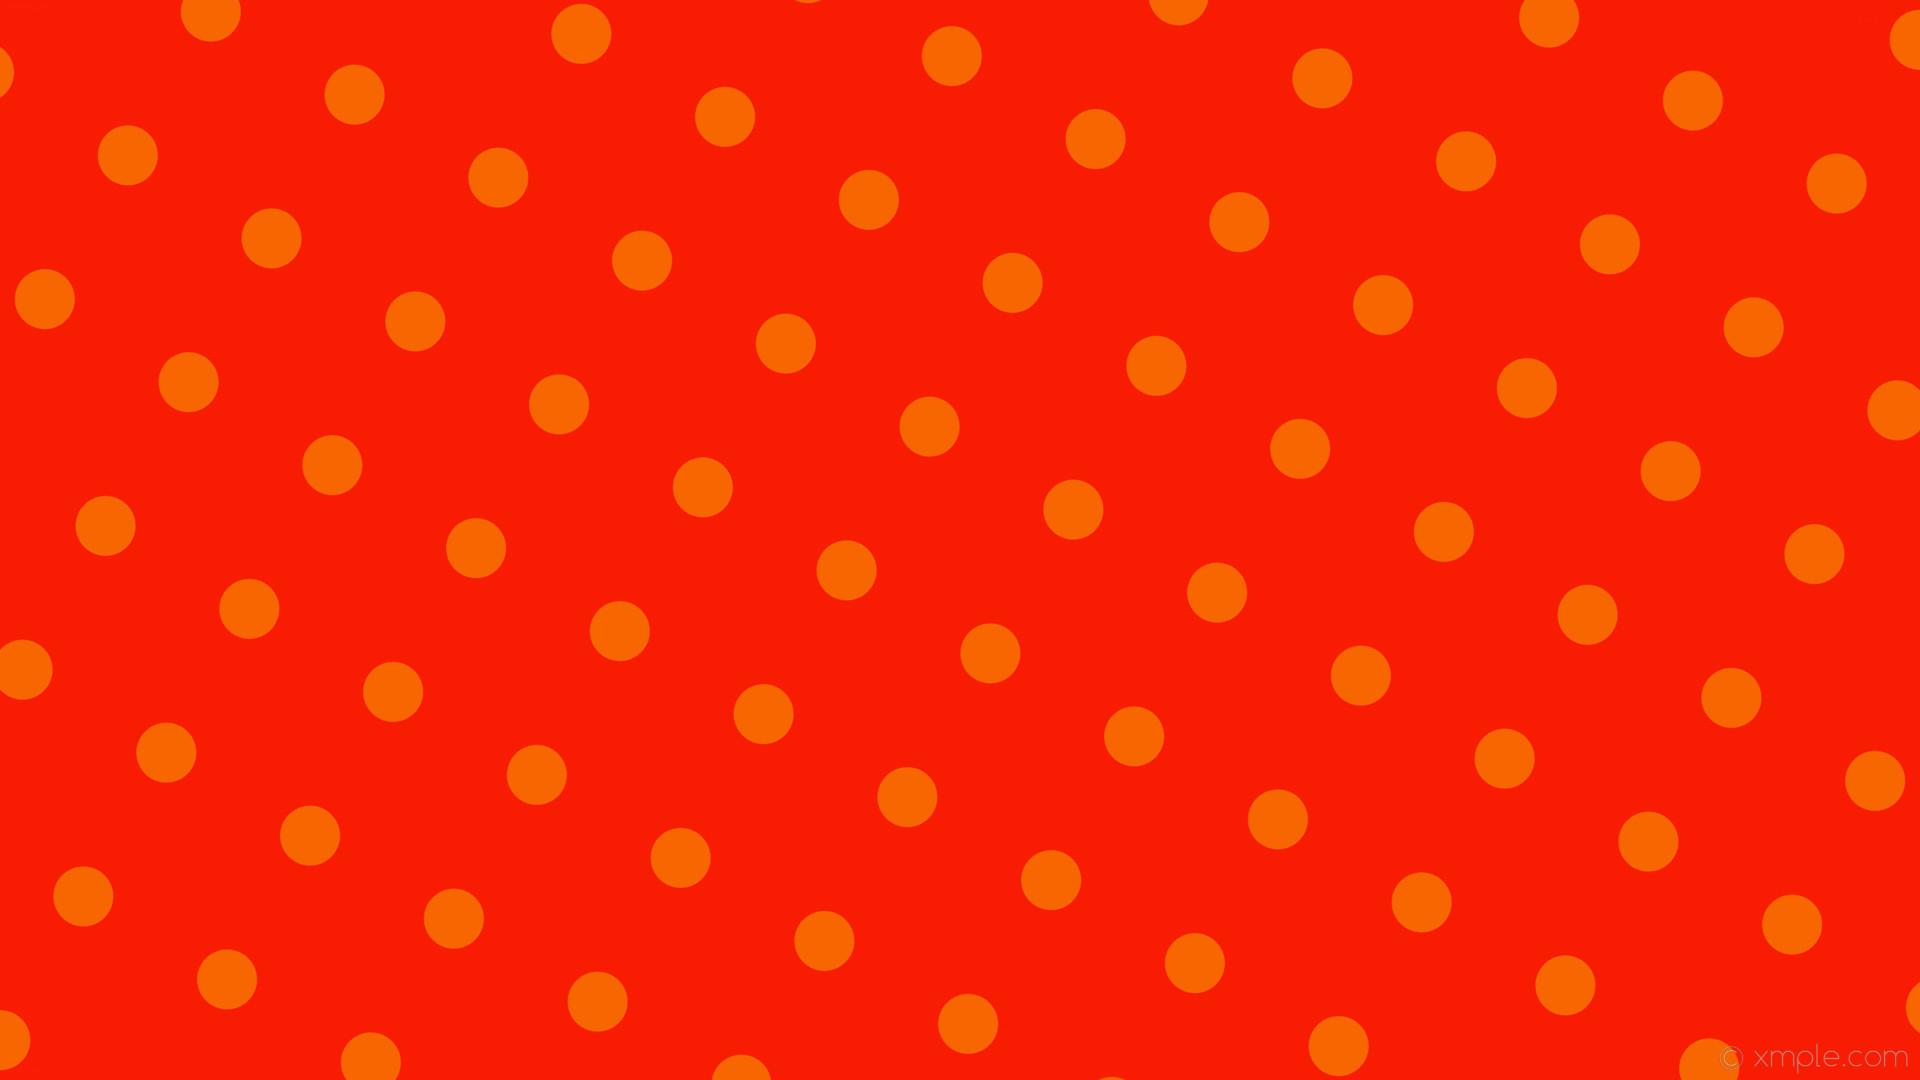 wallpaper orange polka dots spots red #f81c02 #f86602 150° 60px 166px